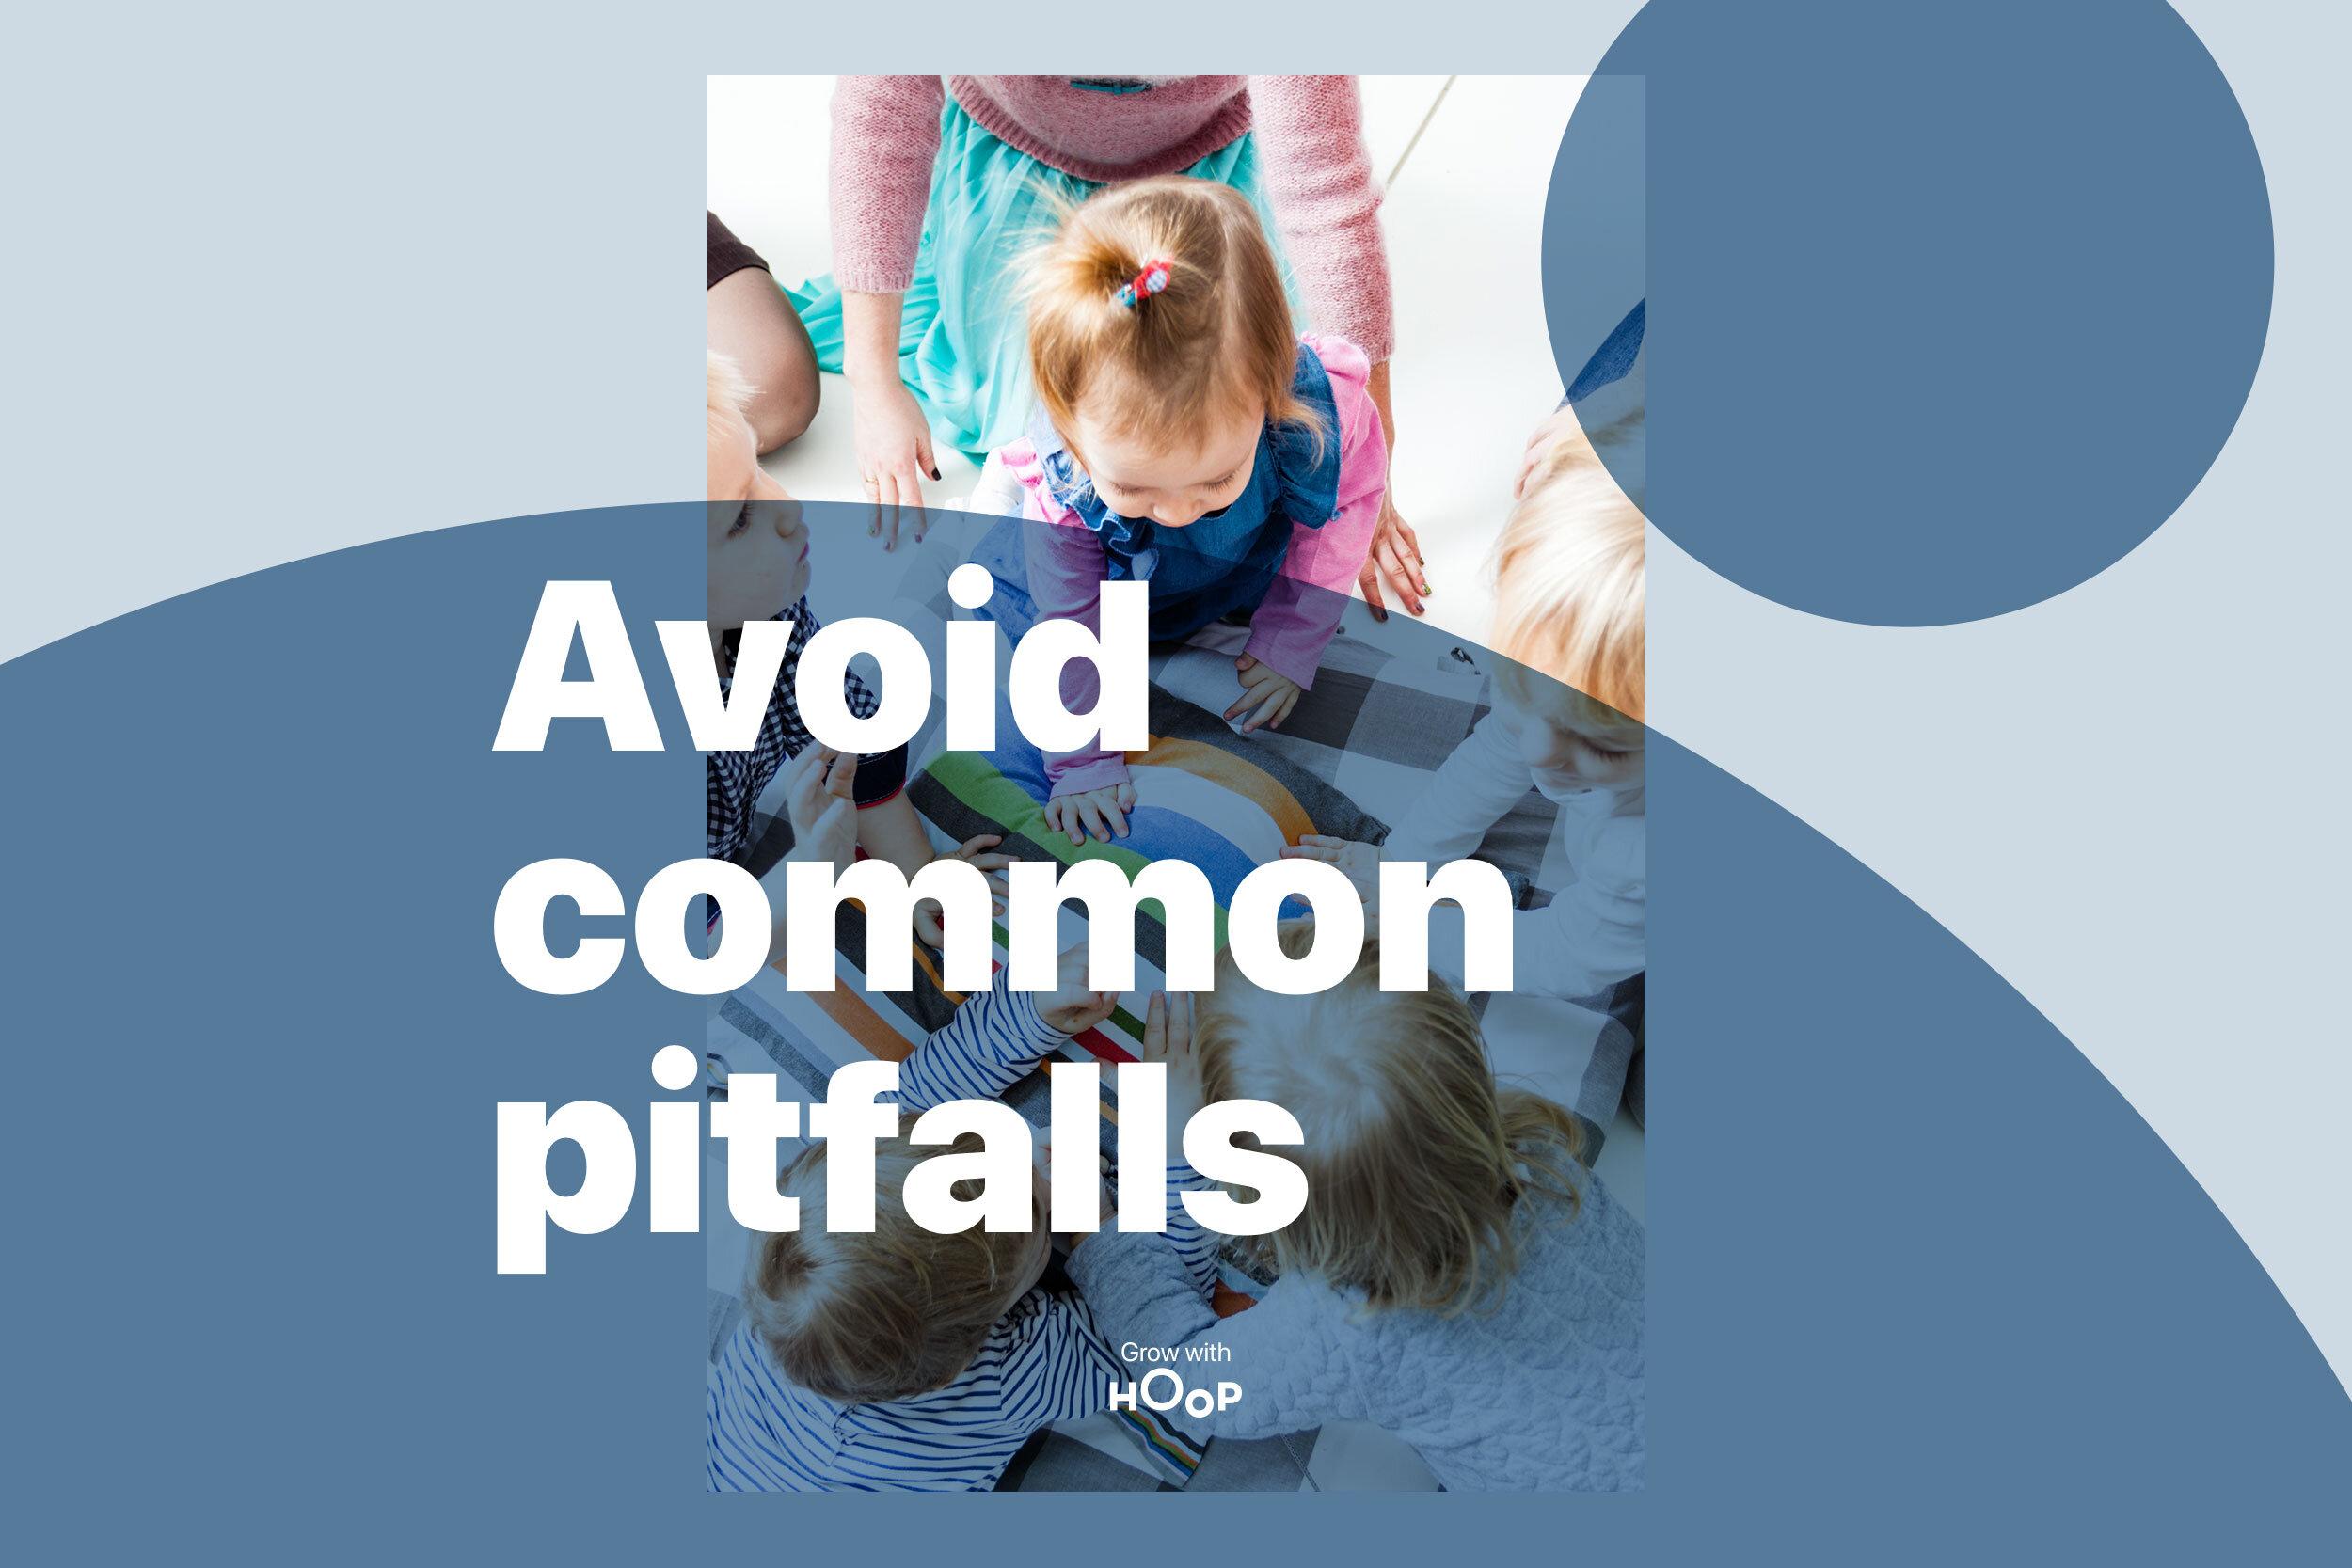 190923_Cover_Avoid-Common-Pitfalls.jpg